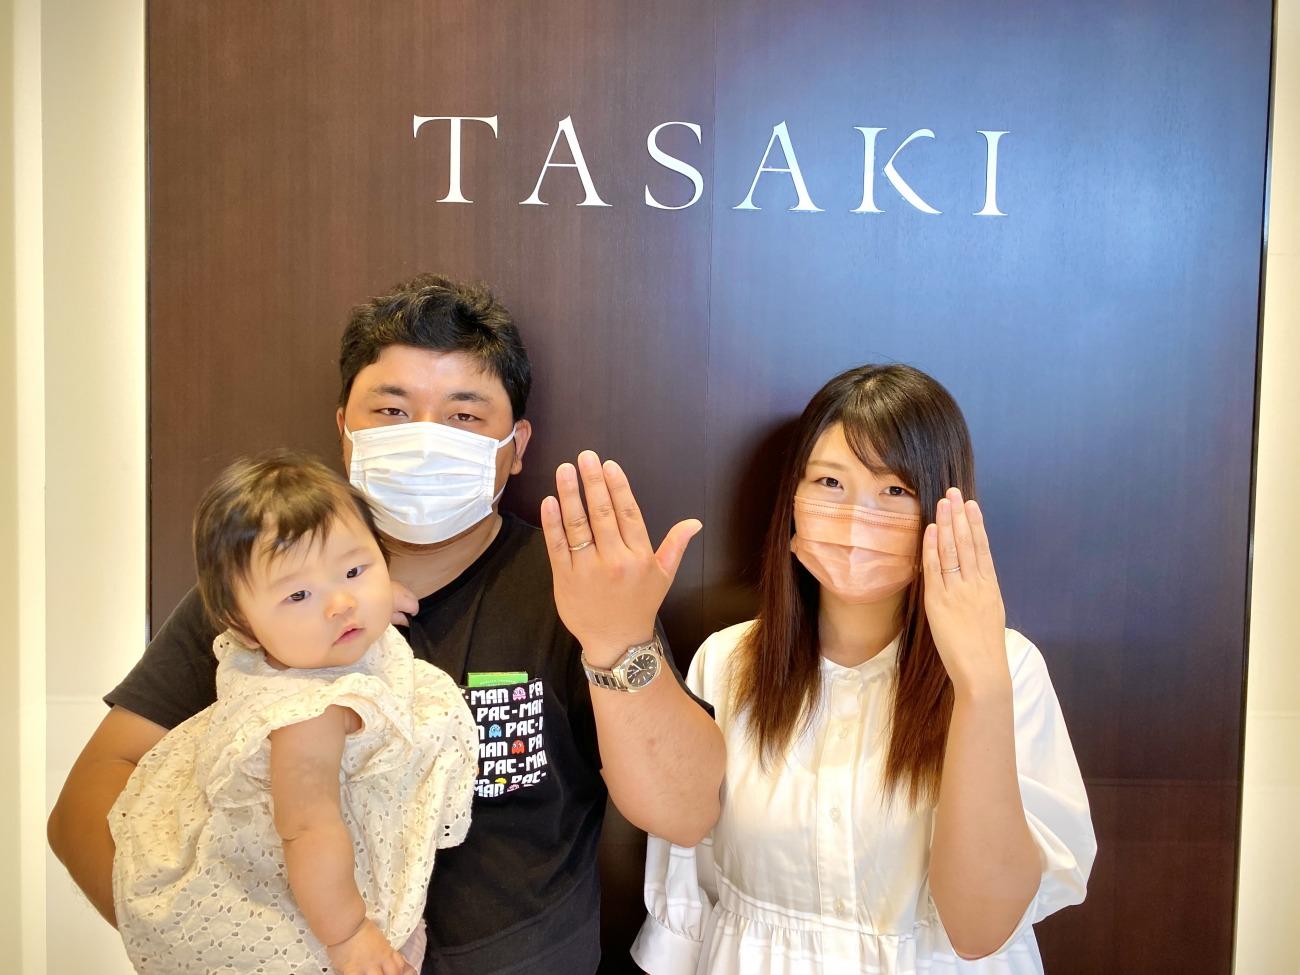 かわいいお子様がいるおふたりがお選びになったのはTASAKI